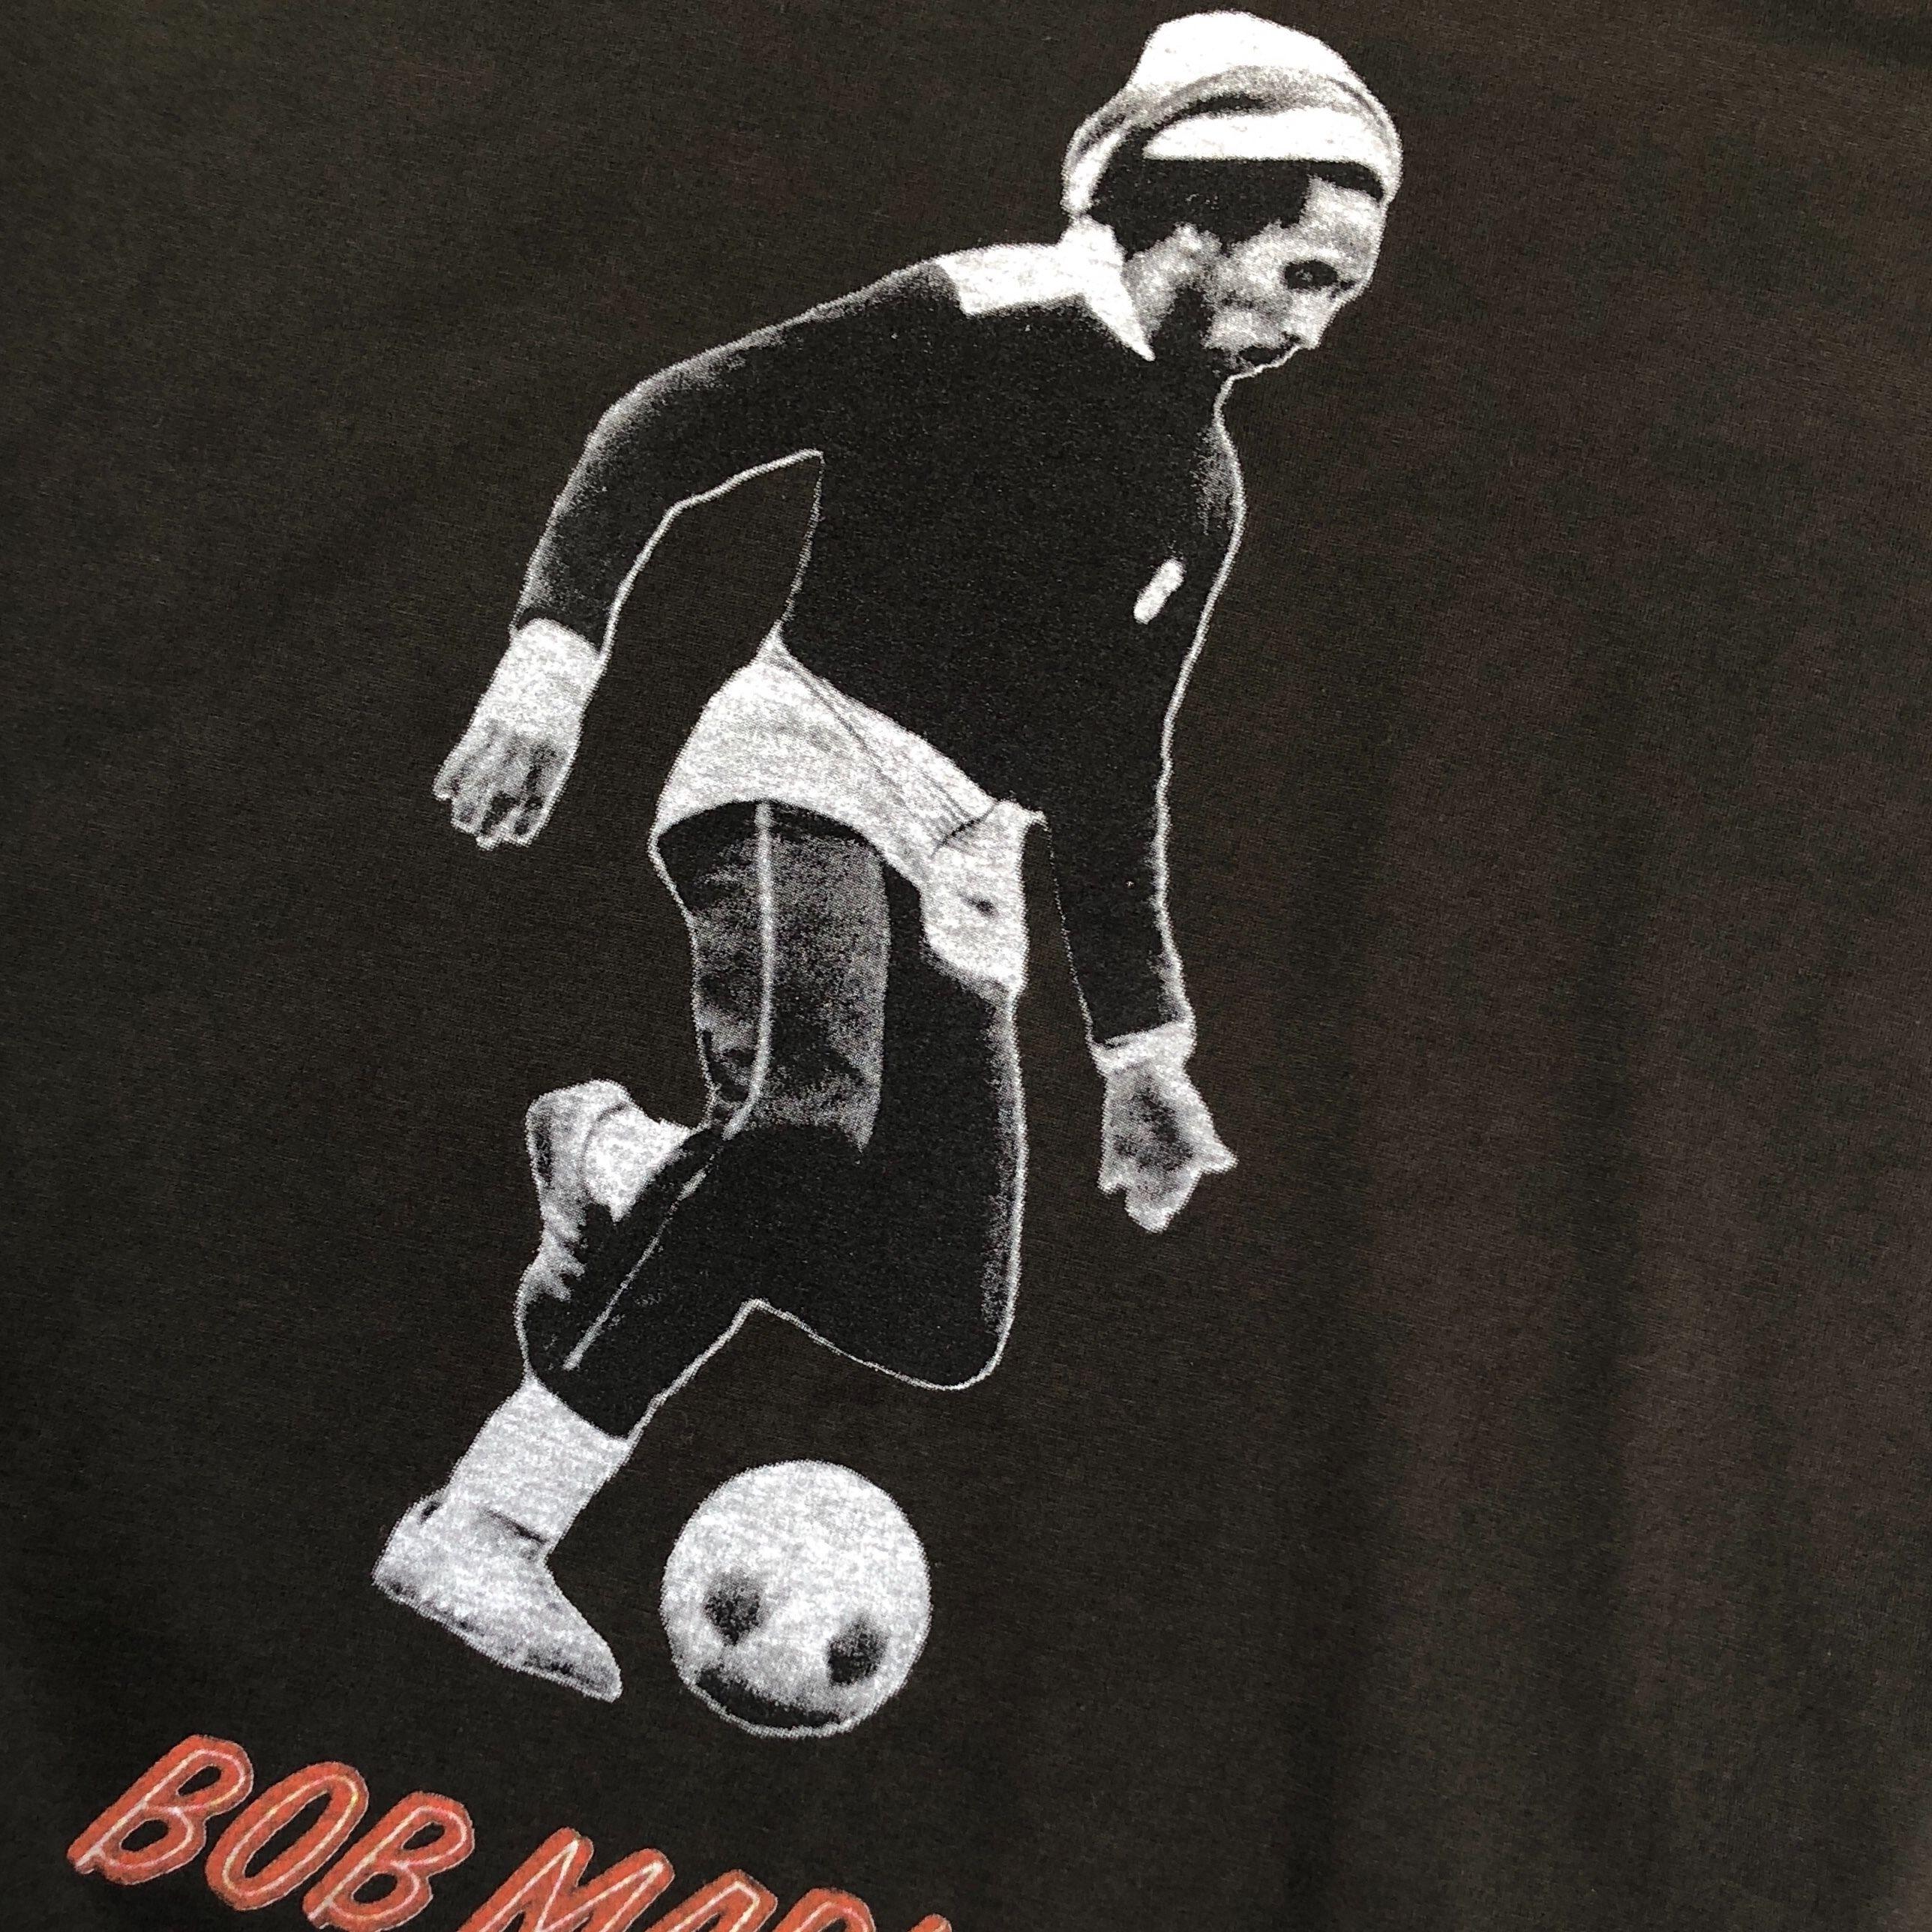 ボブマーリー サッカー